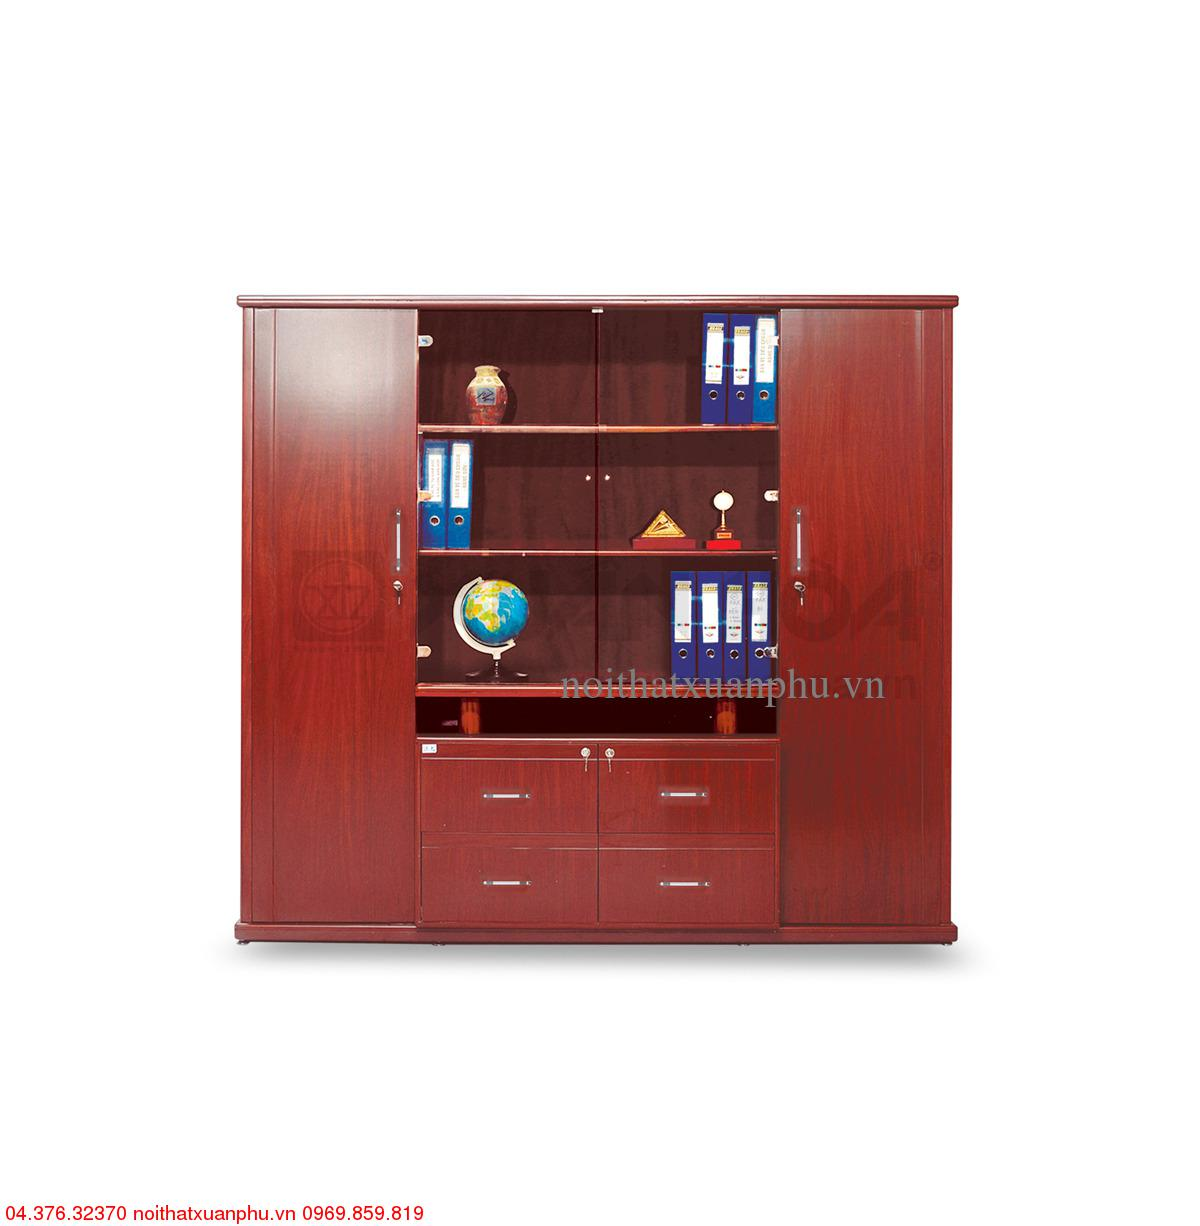 Hình ảnh sản phẩm Tủ gỗ sơn TGD-2211-PU